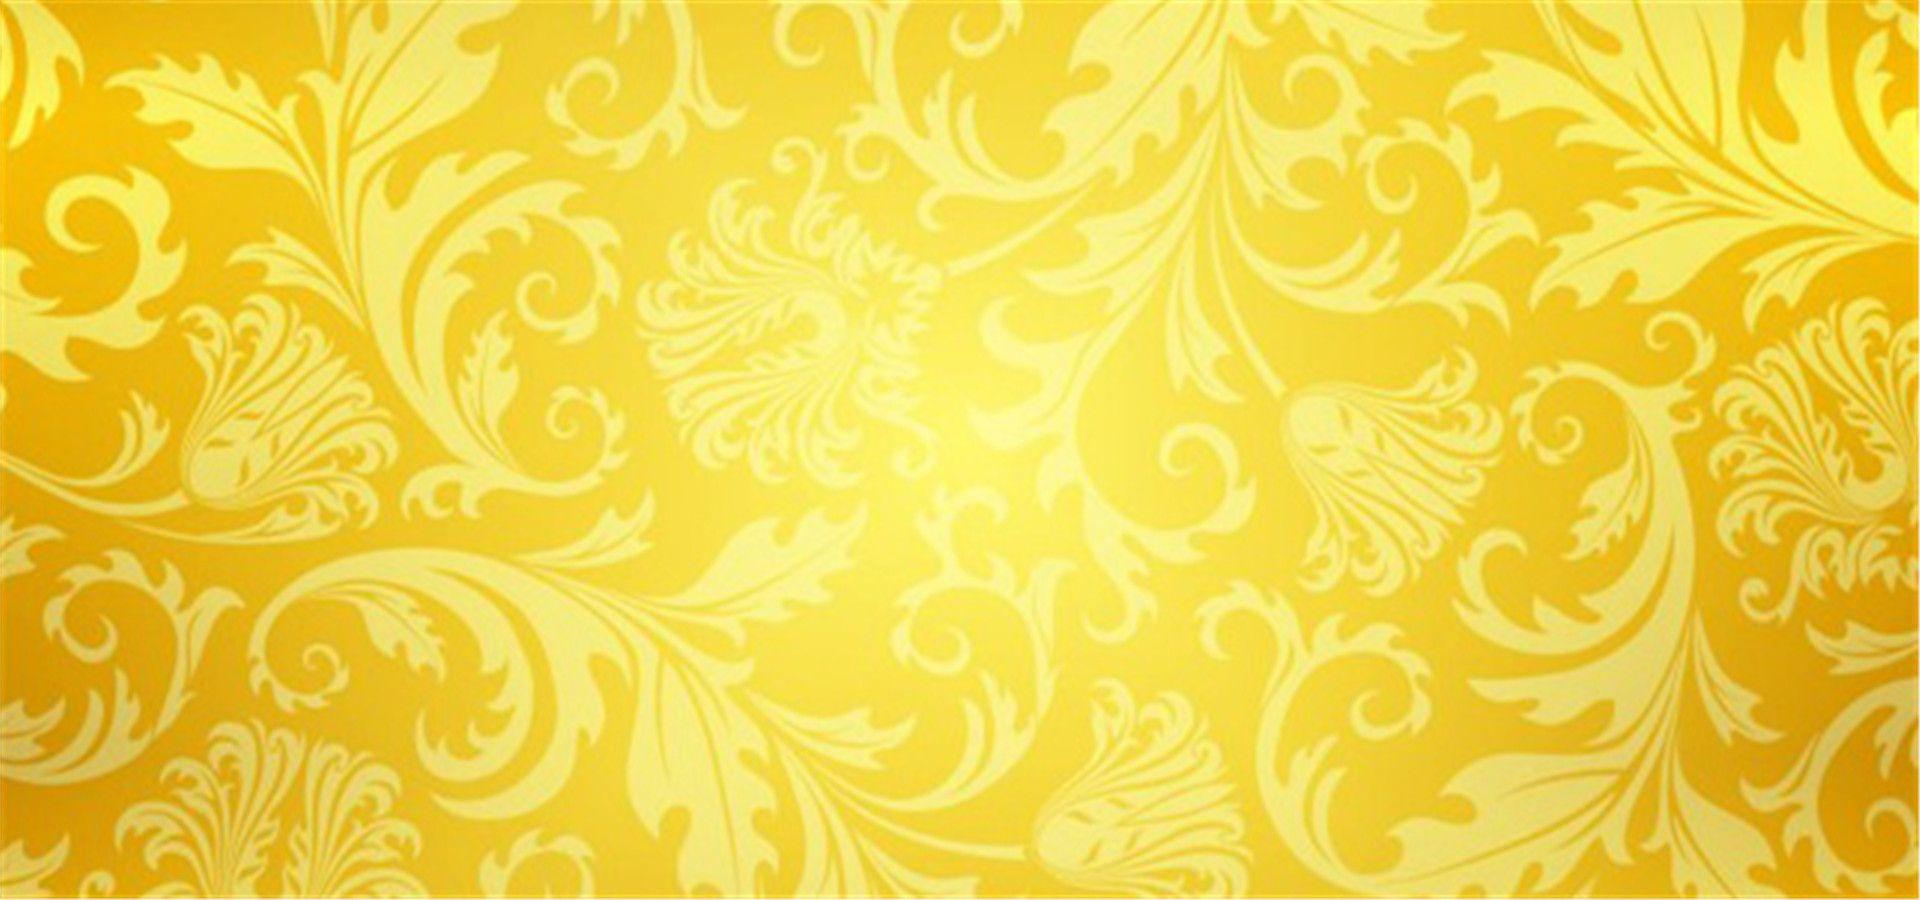 Premier Gold Pattern Gold Pattern Desktop Wallpaper Design Monster Coloring Pages